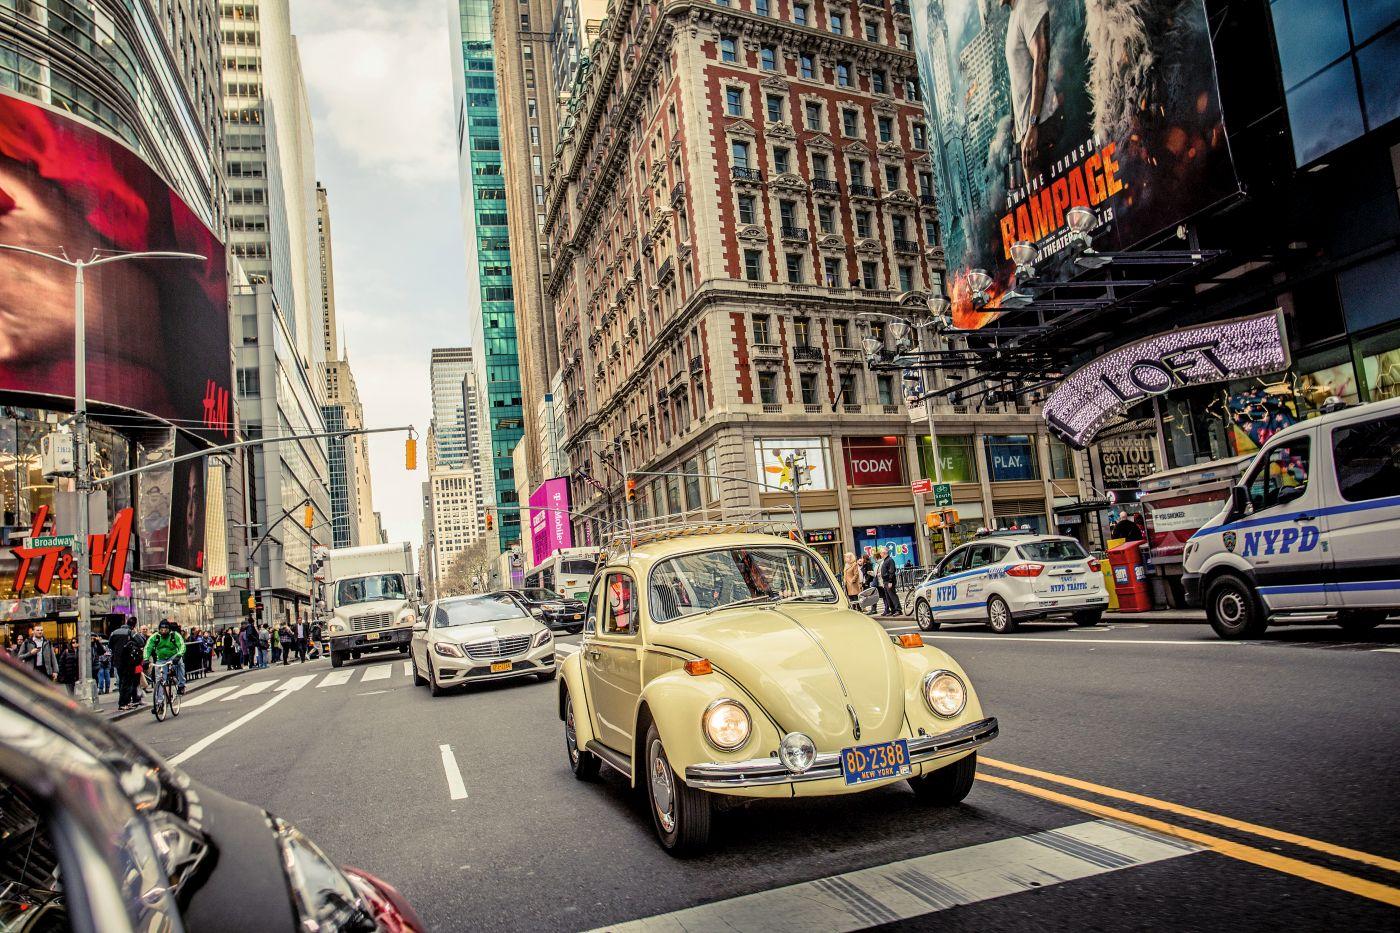 Käfer Love Einsatz in Manhattan Delius Klasing (5)